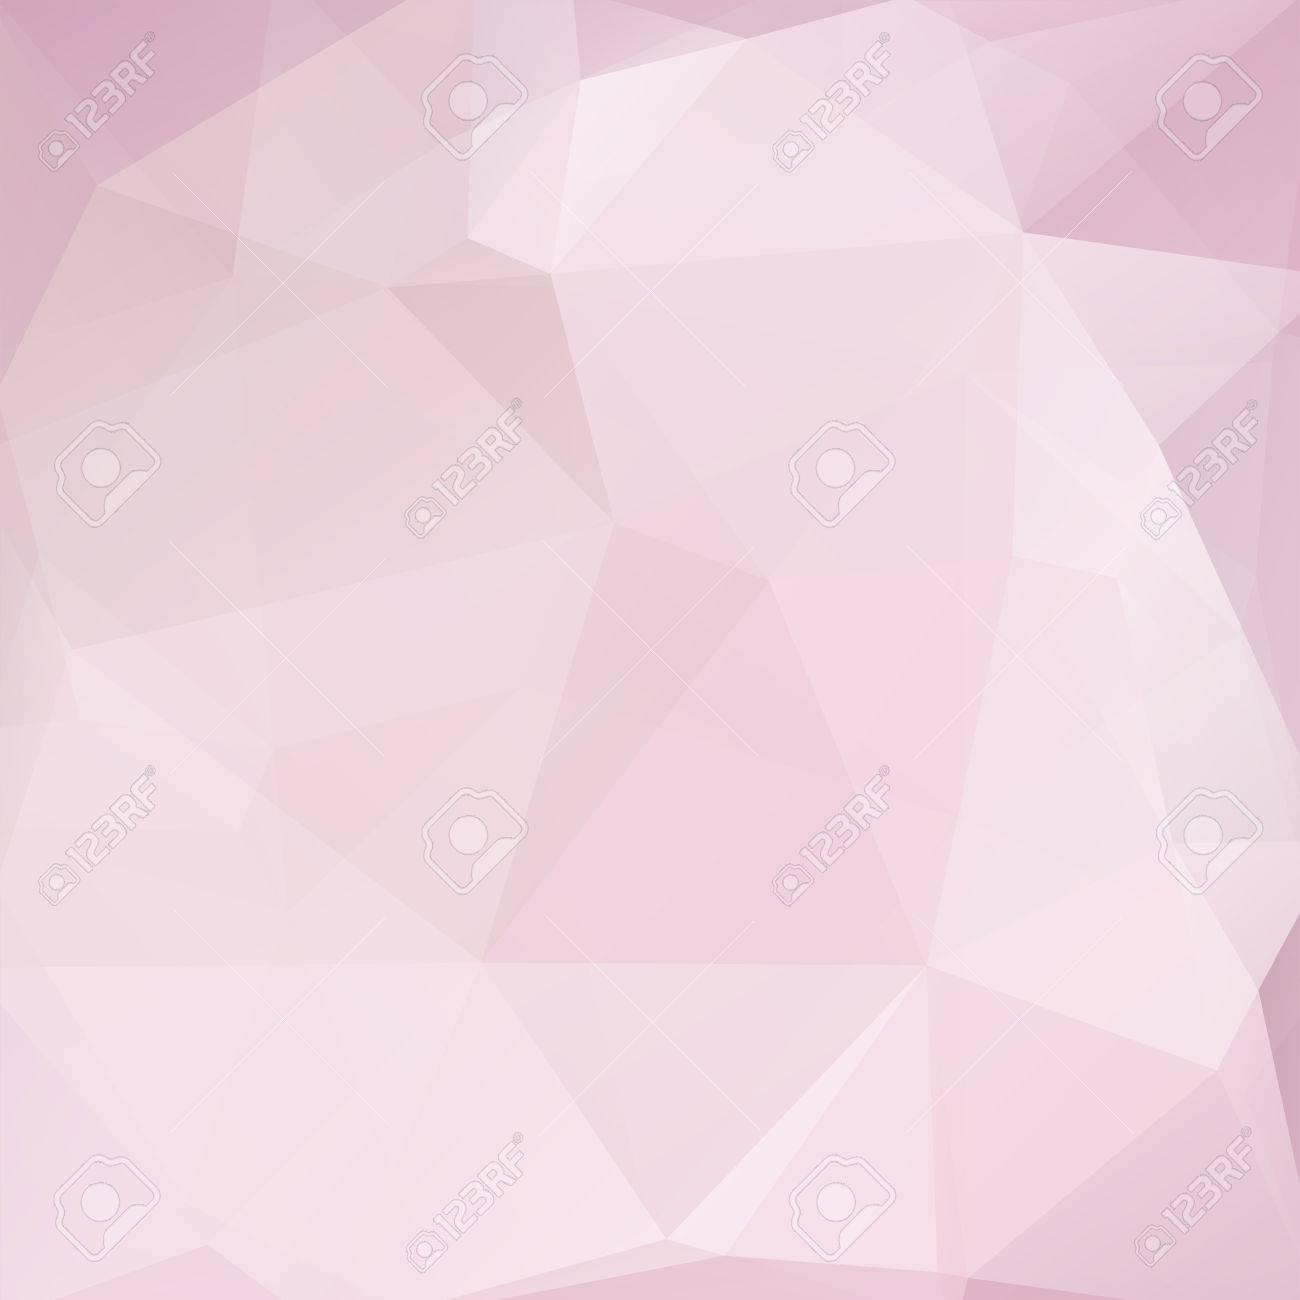 Vettoriale Mosaico Astratto Triangolo Sfondo Geometrico Elementi